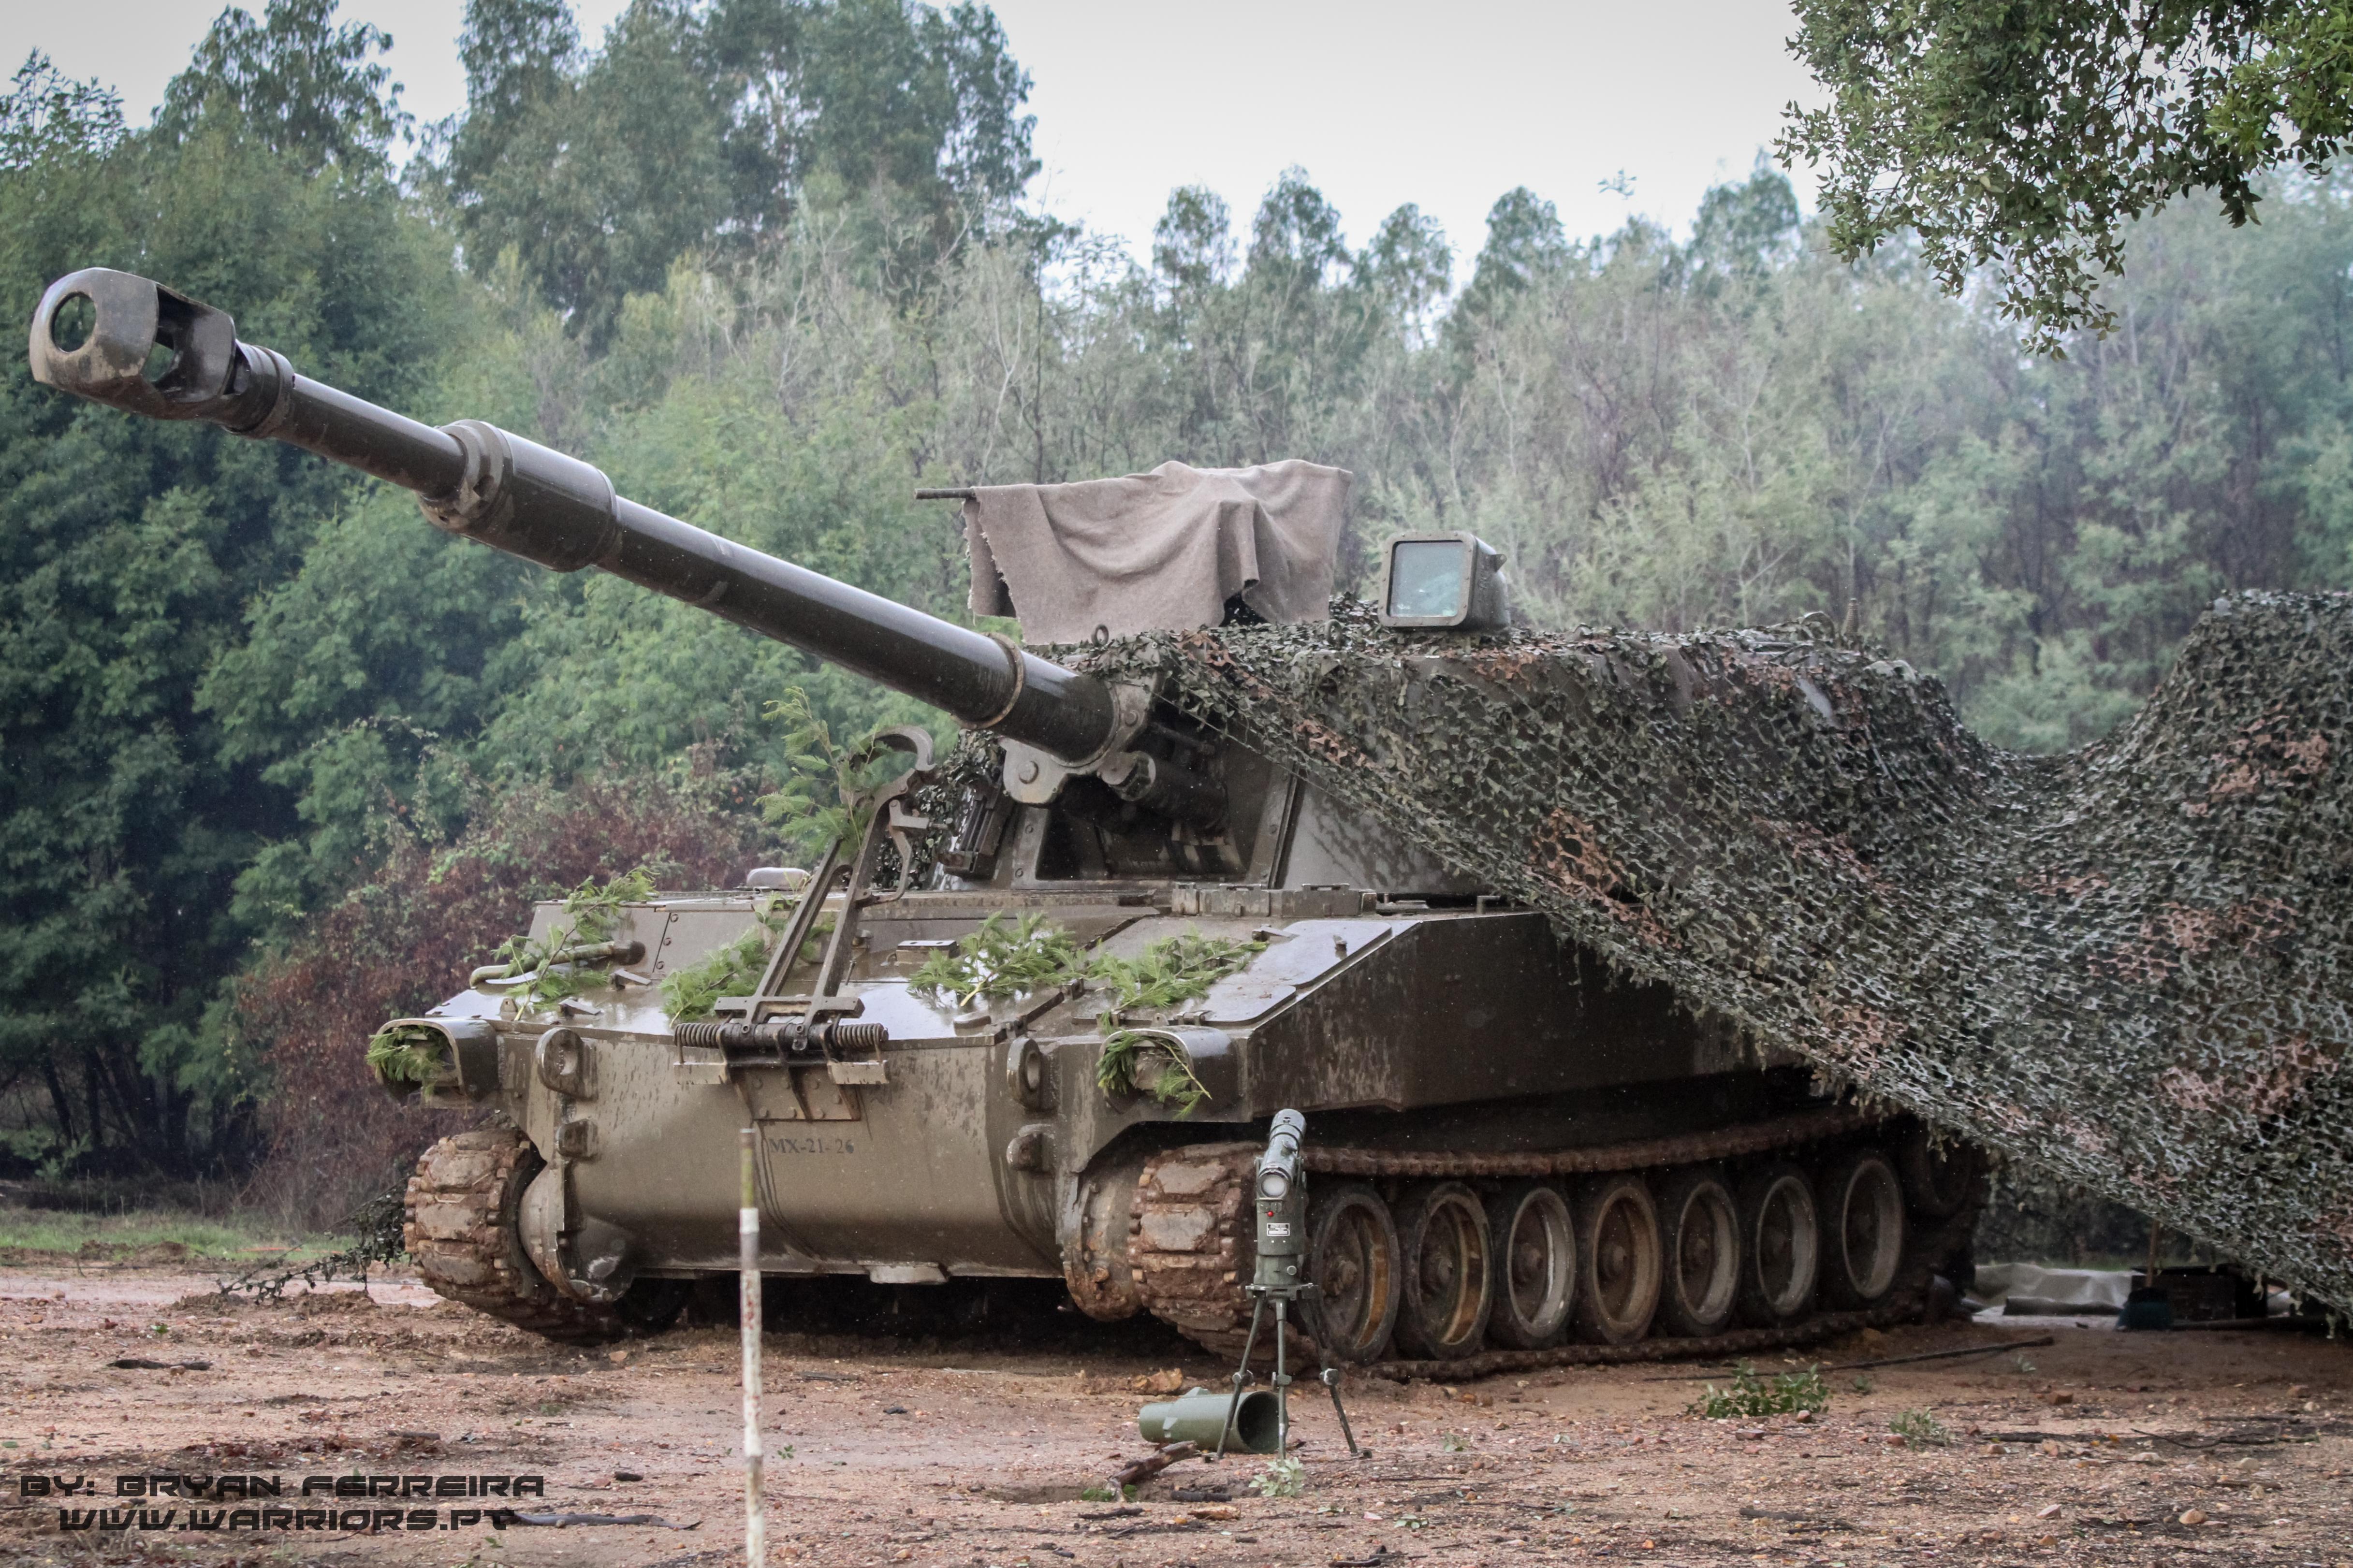 Artilharia Auto propulsada M109 da Brigada Mecanizada